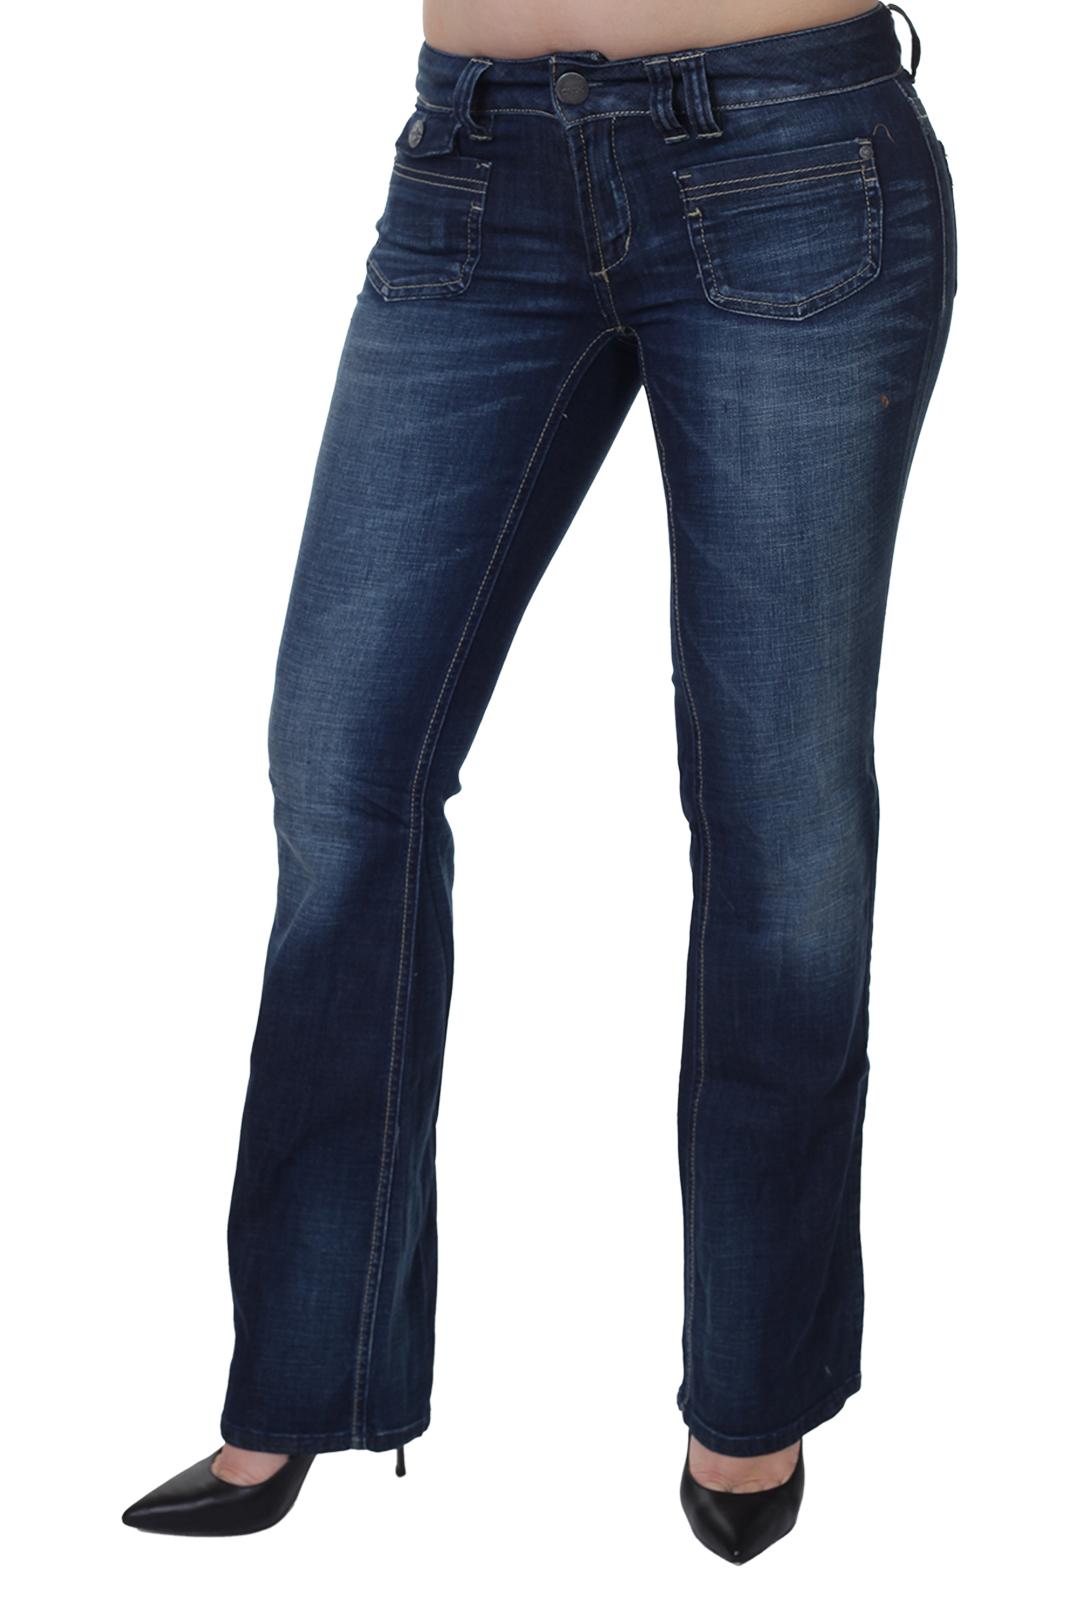 Купить в интернет магазине классические женские джинсы